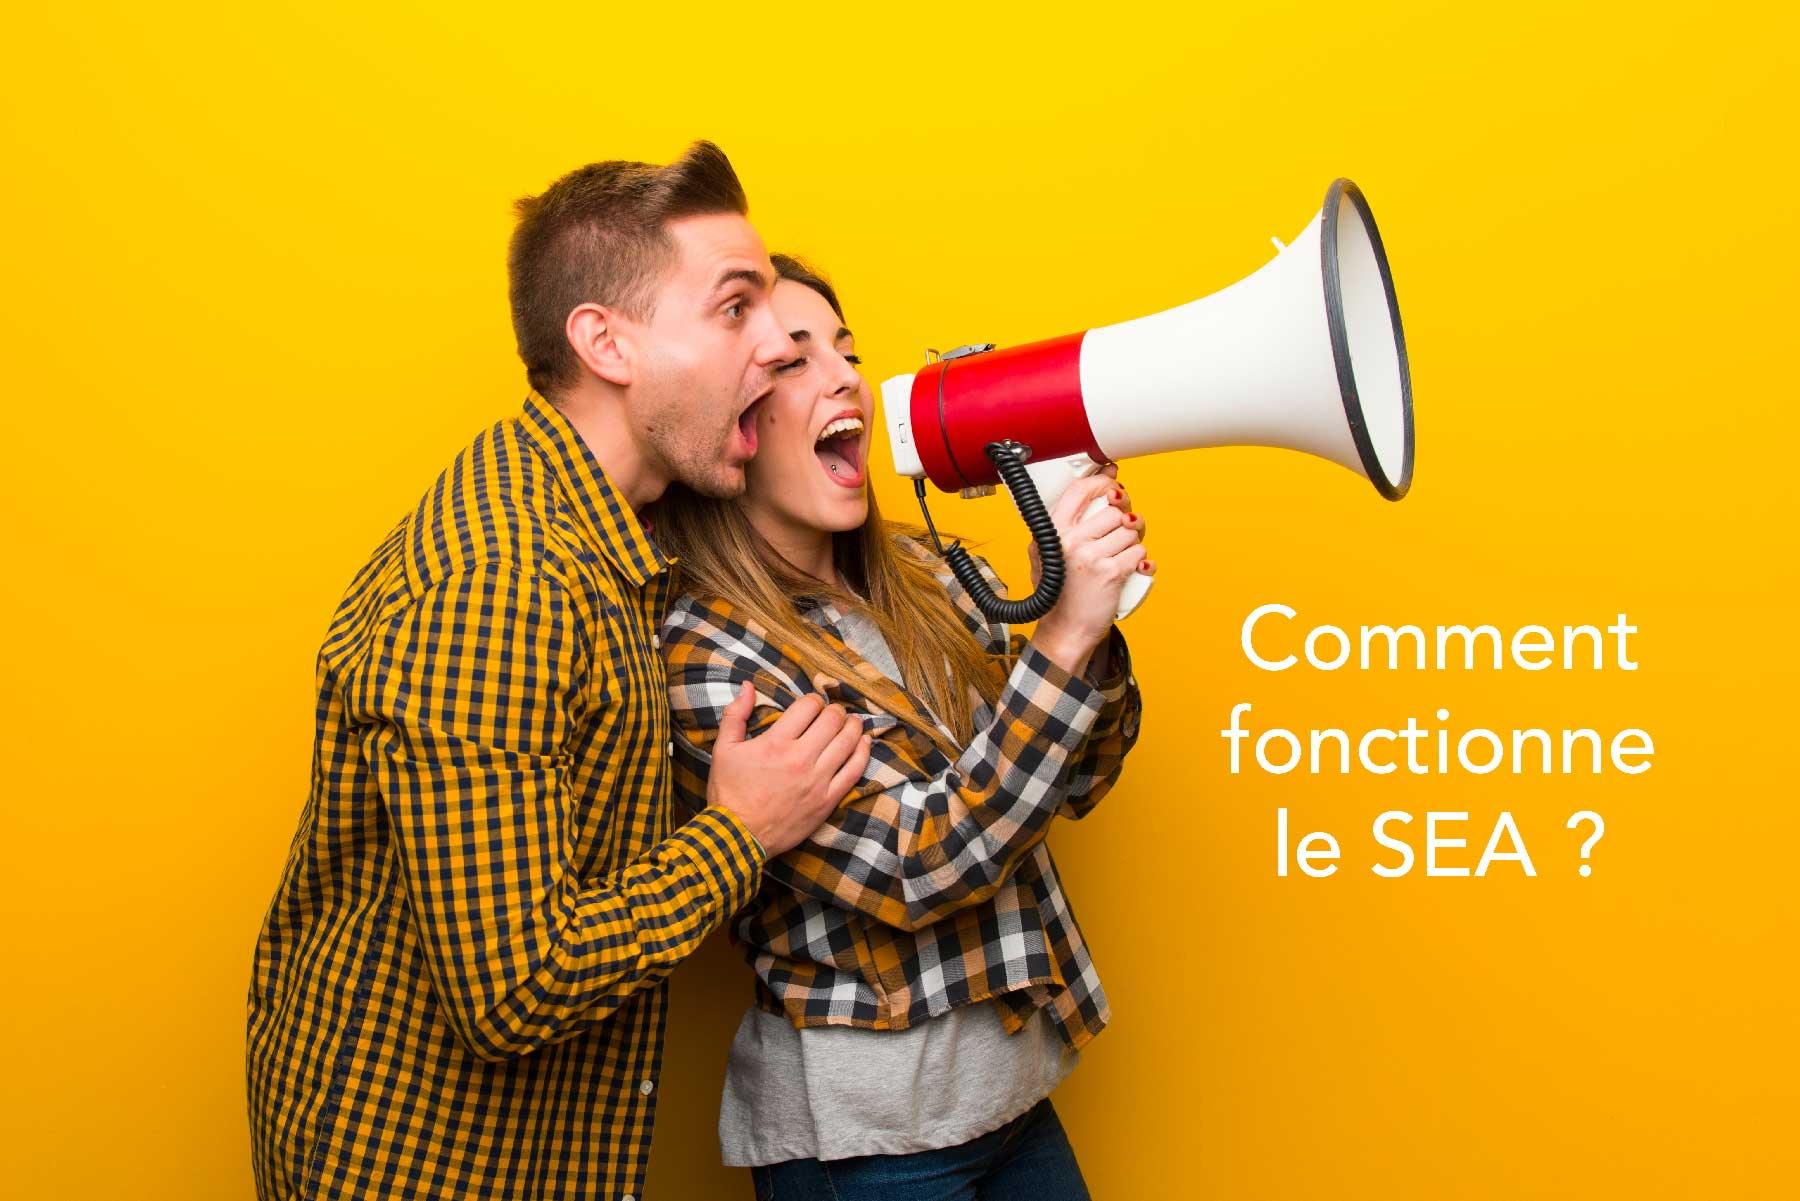 Comment fonctionne le SEA et les liens sponsorisés avec Google